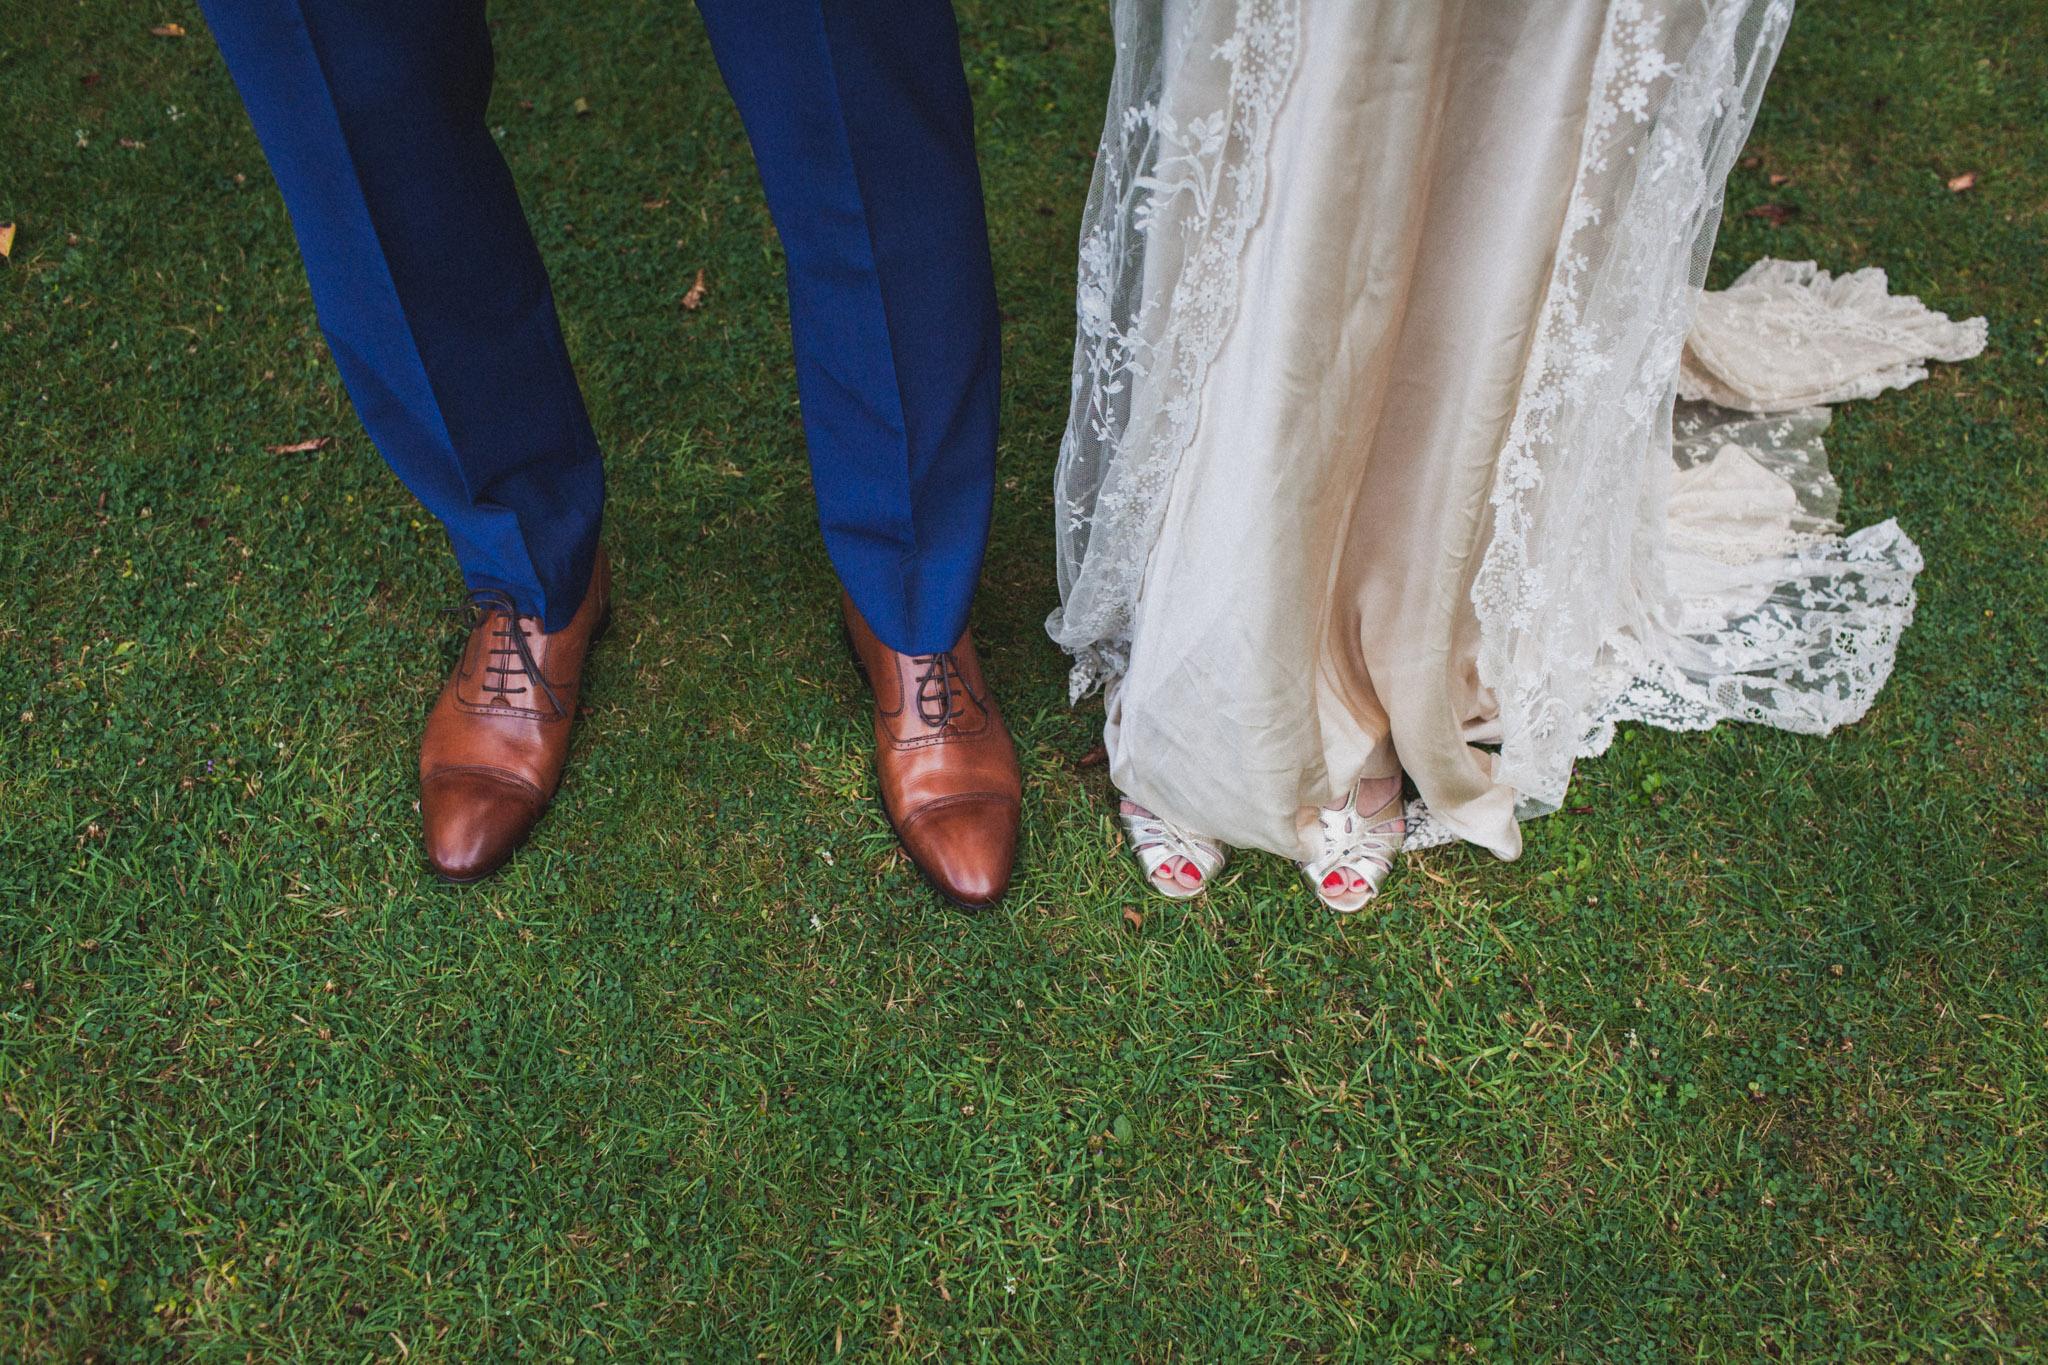 lewes_wedding_photographer_0069.jpg